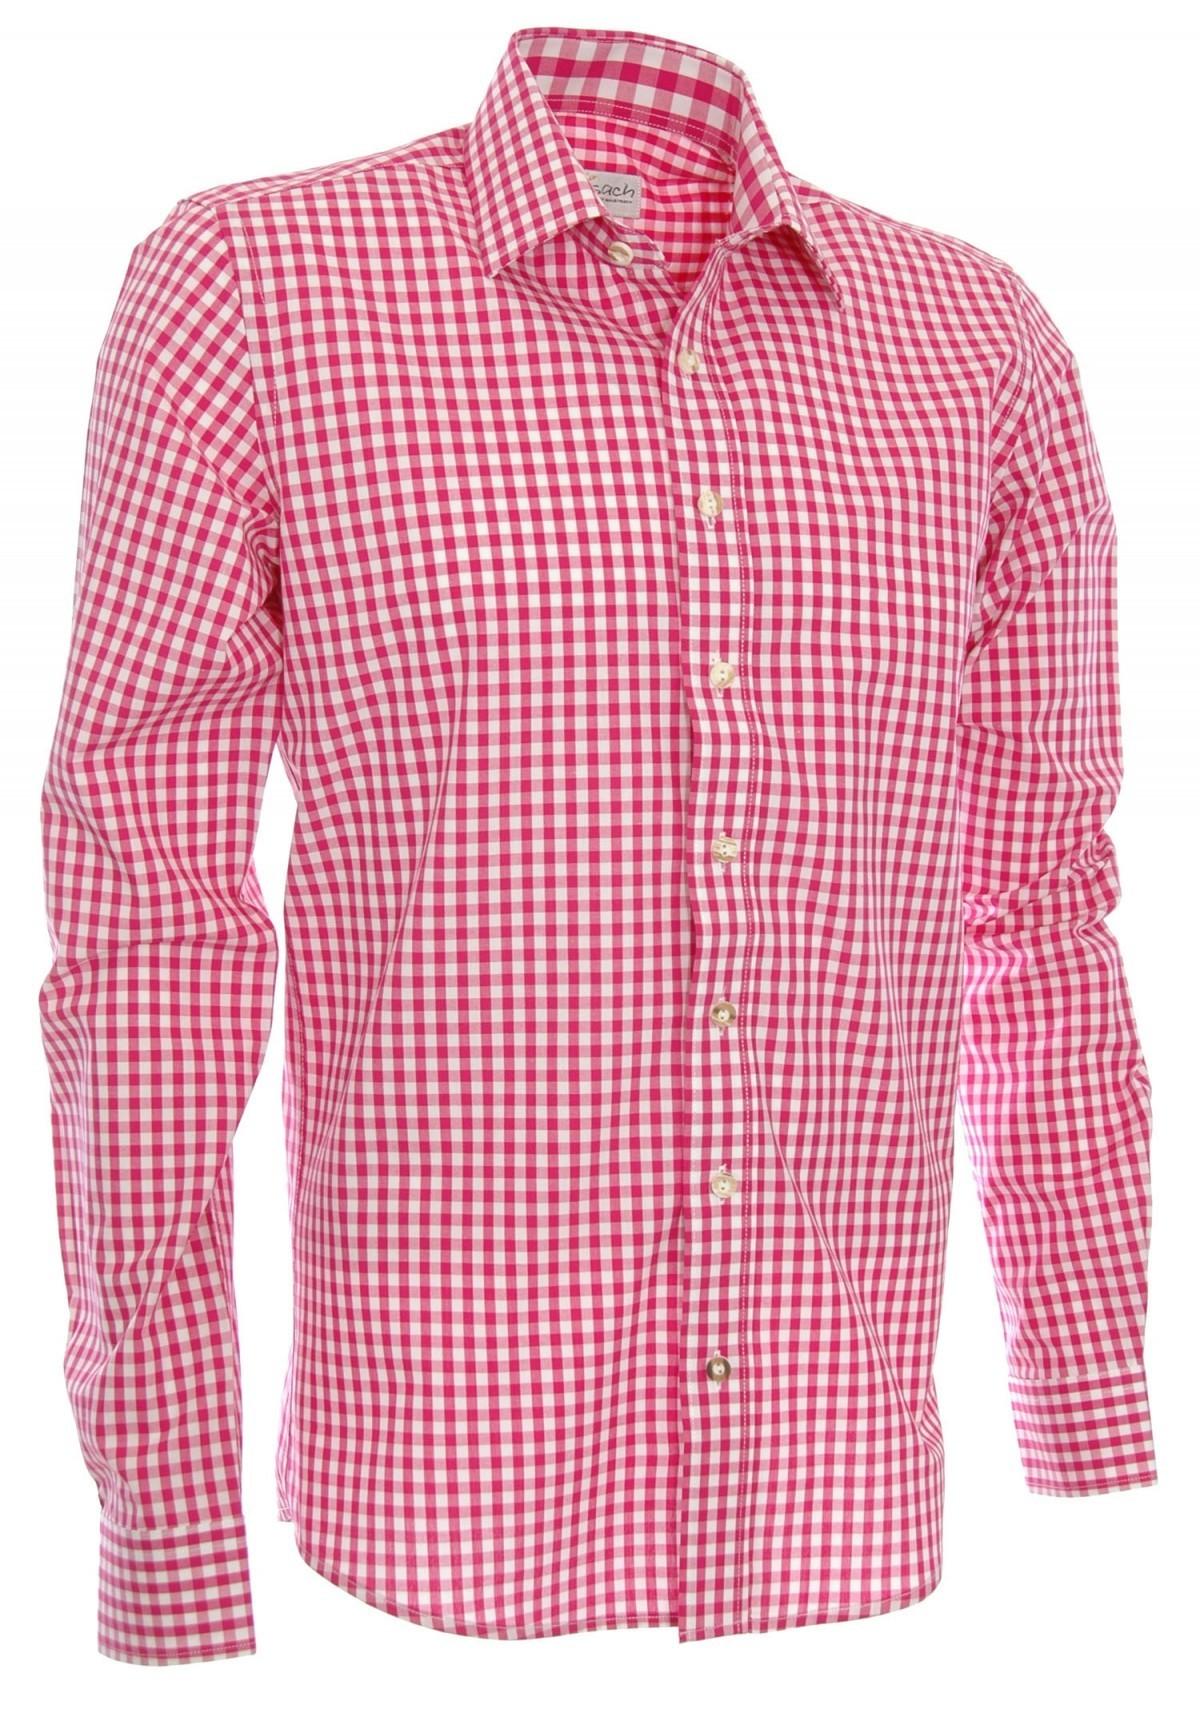 Trachtenhemd in pink